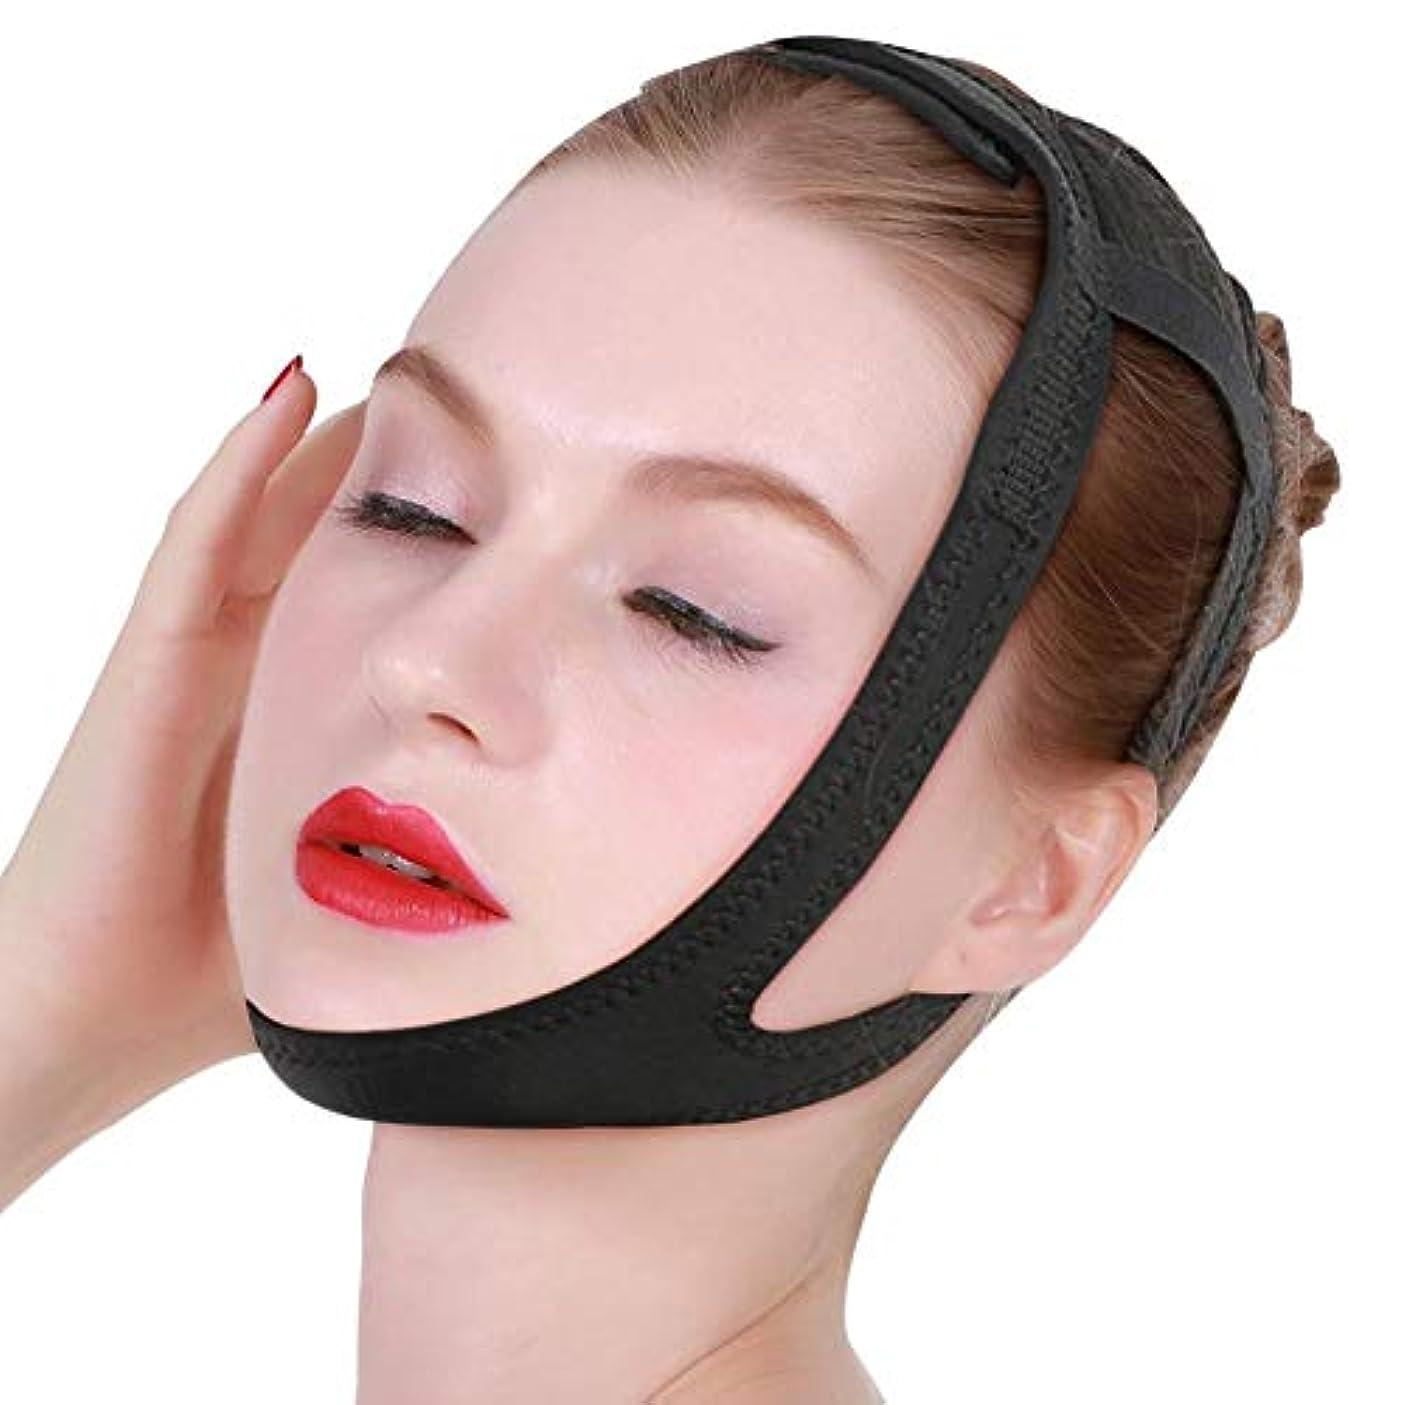 明らかにネイティブ起こるフェイススリミングベルト Vライン フェイススリップベルト 通気性 フェイスマスク